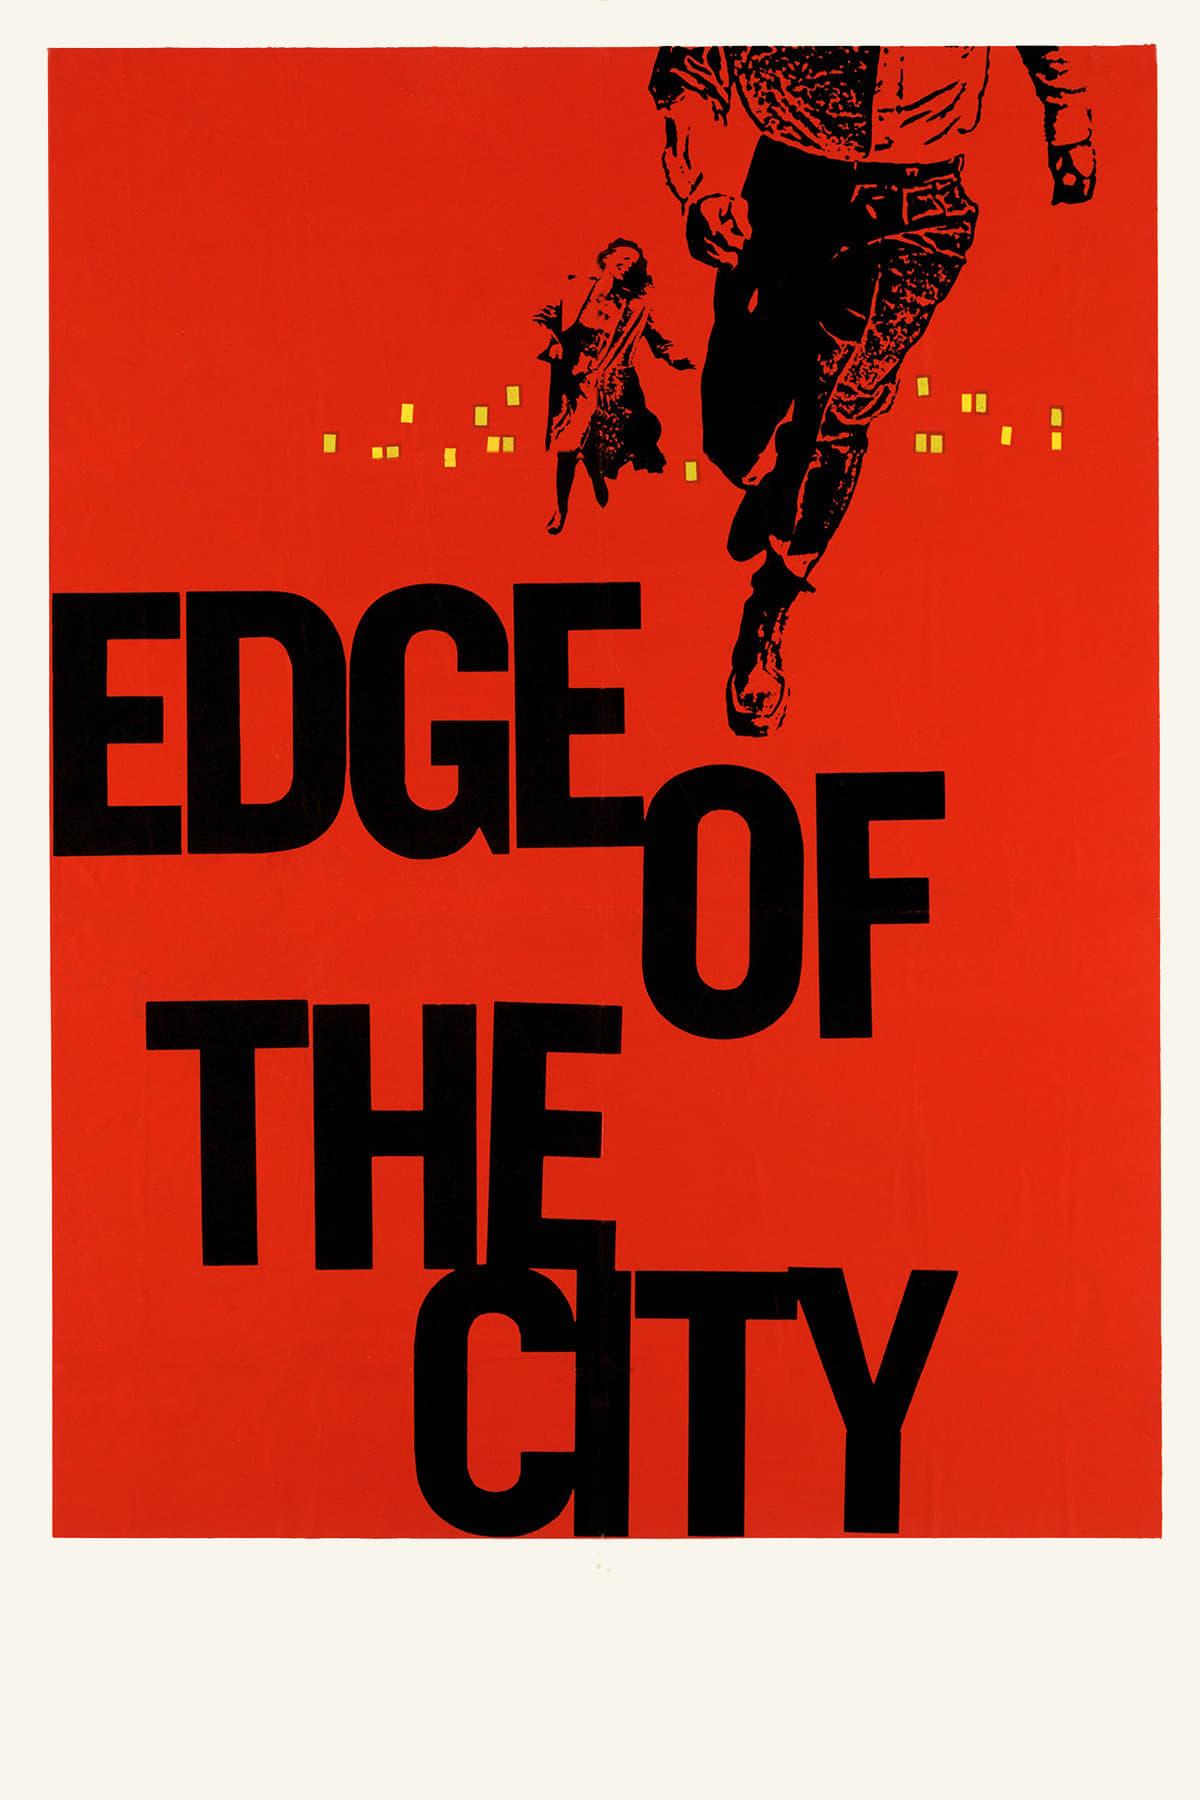 Edge of the City (1957)